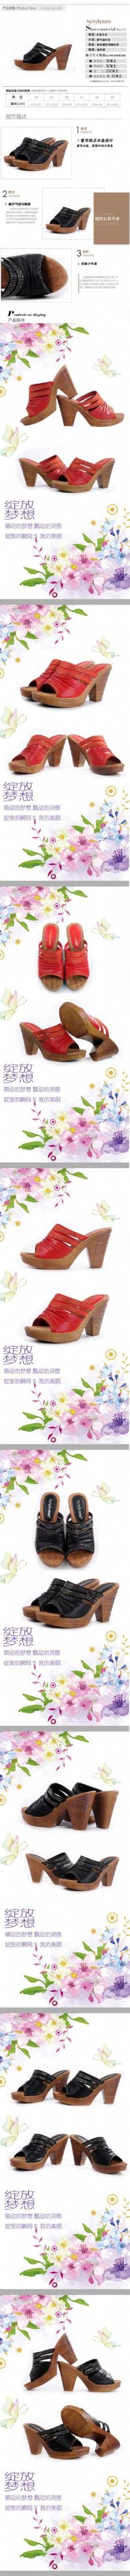 淘宝电商服装女士鞋业详情页平面设计